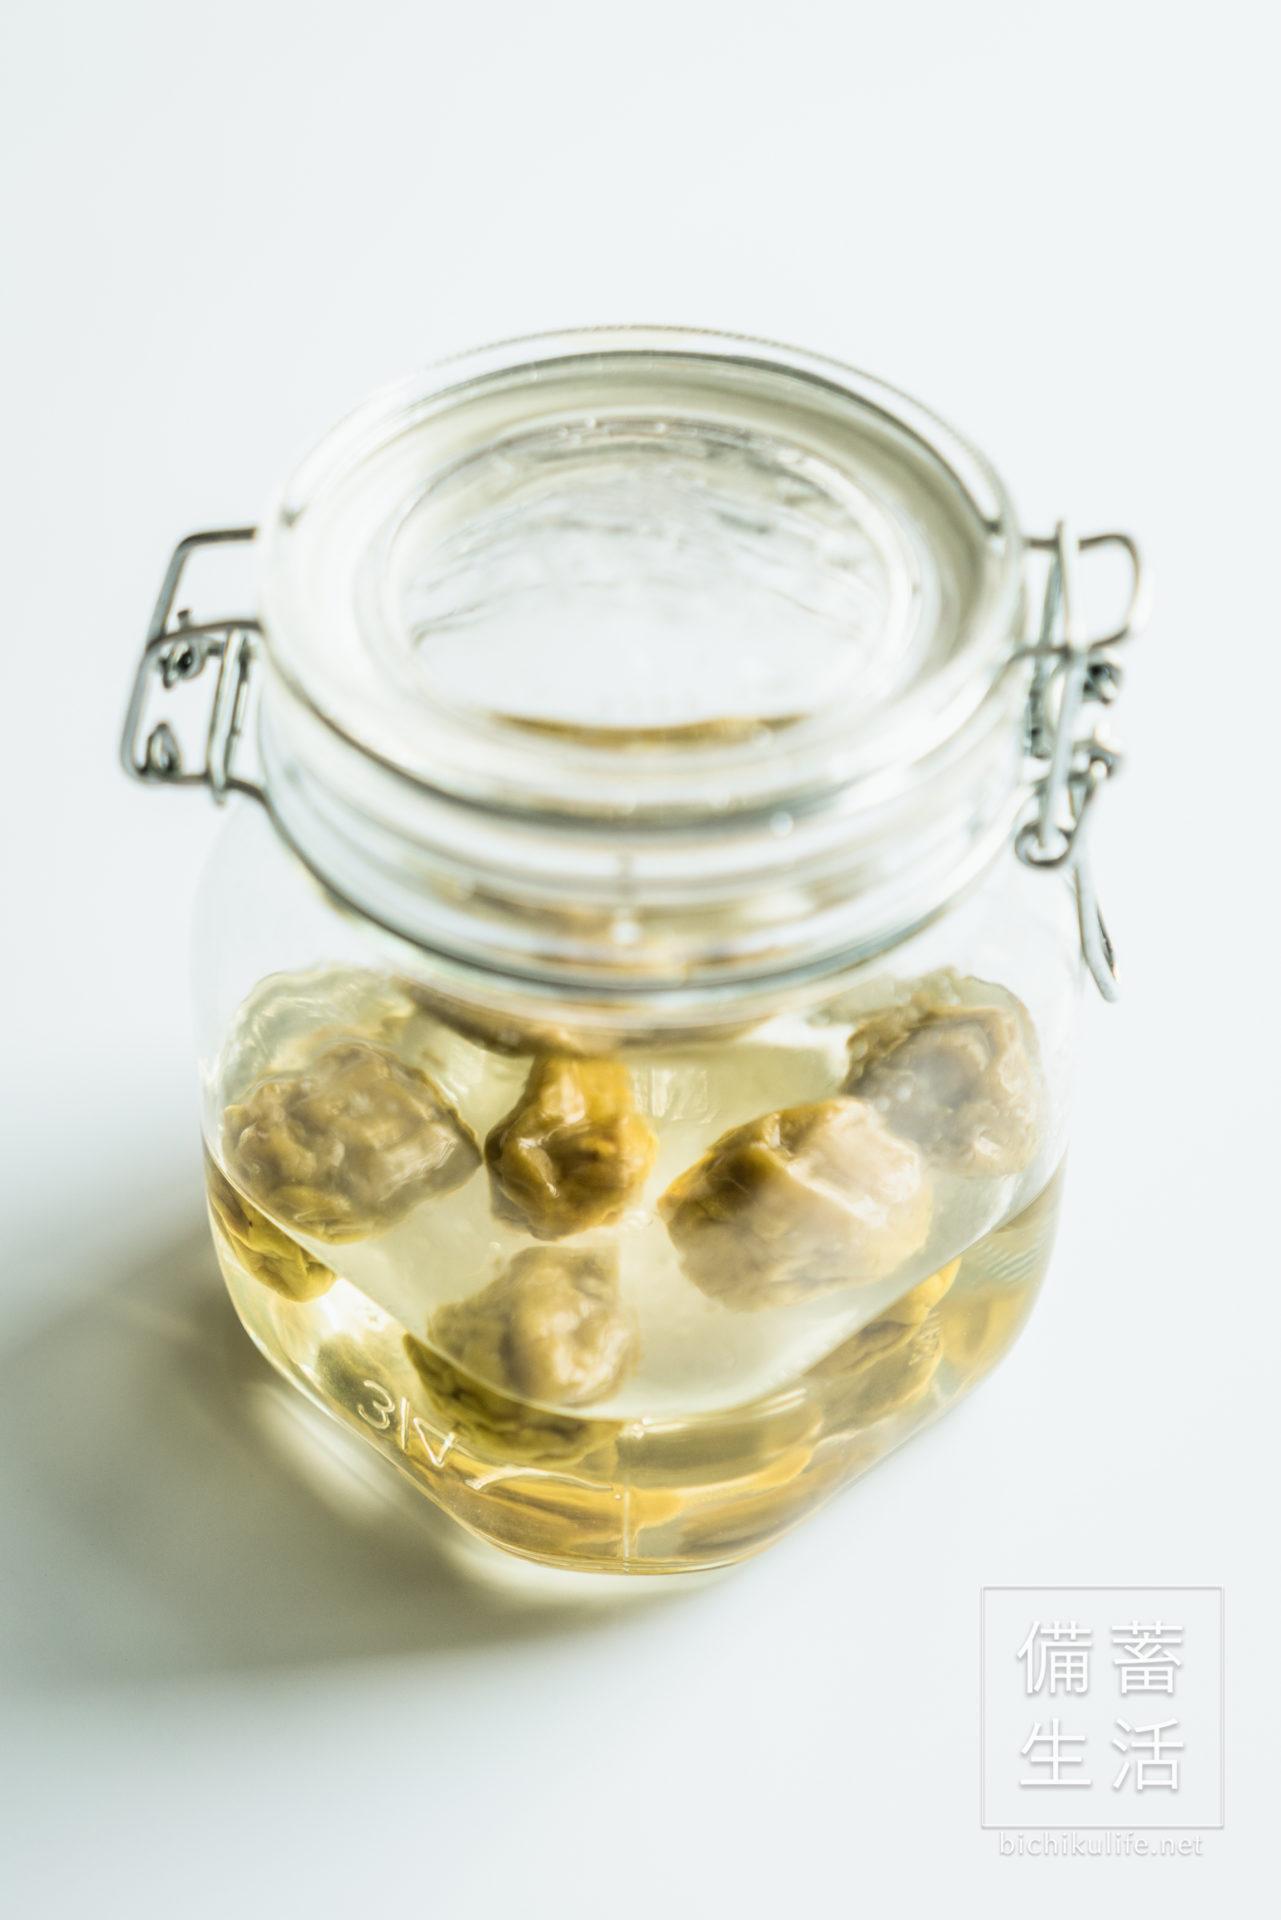 梅シロップづくり 自家製梅シロップを作るアイデア、梅シロップの完成